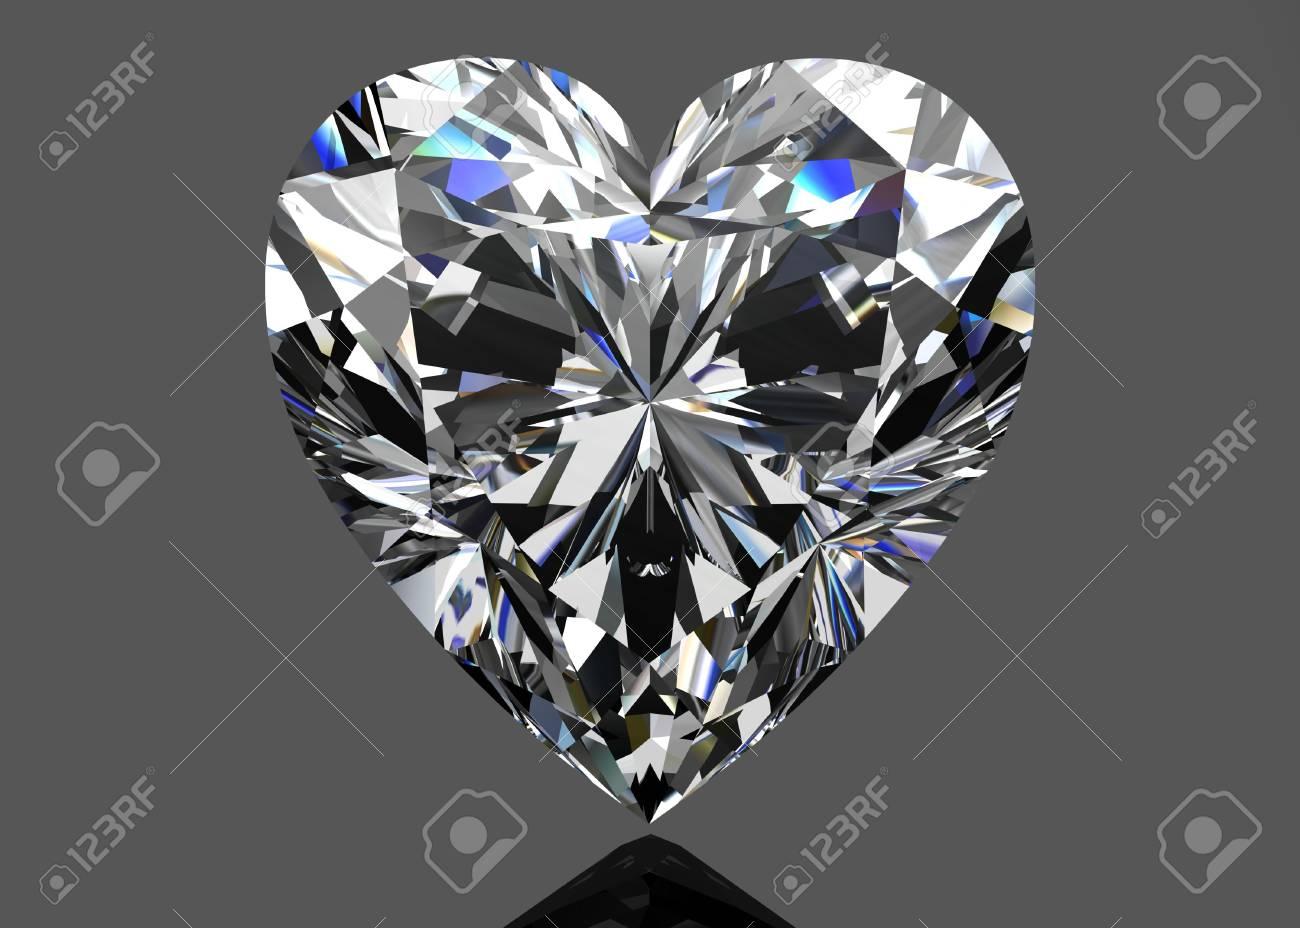 Diamond jewel Stock Photo - 16872080